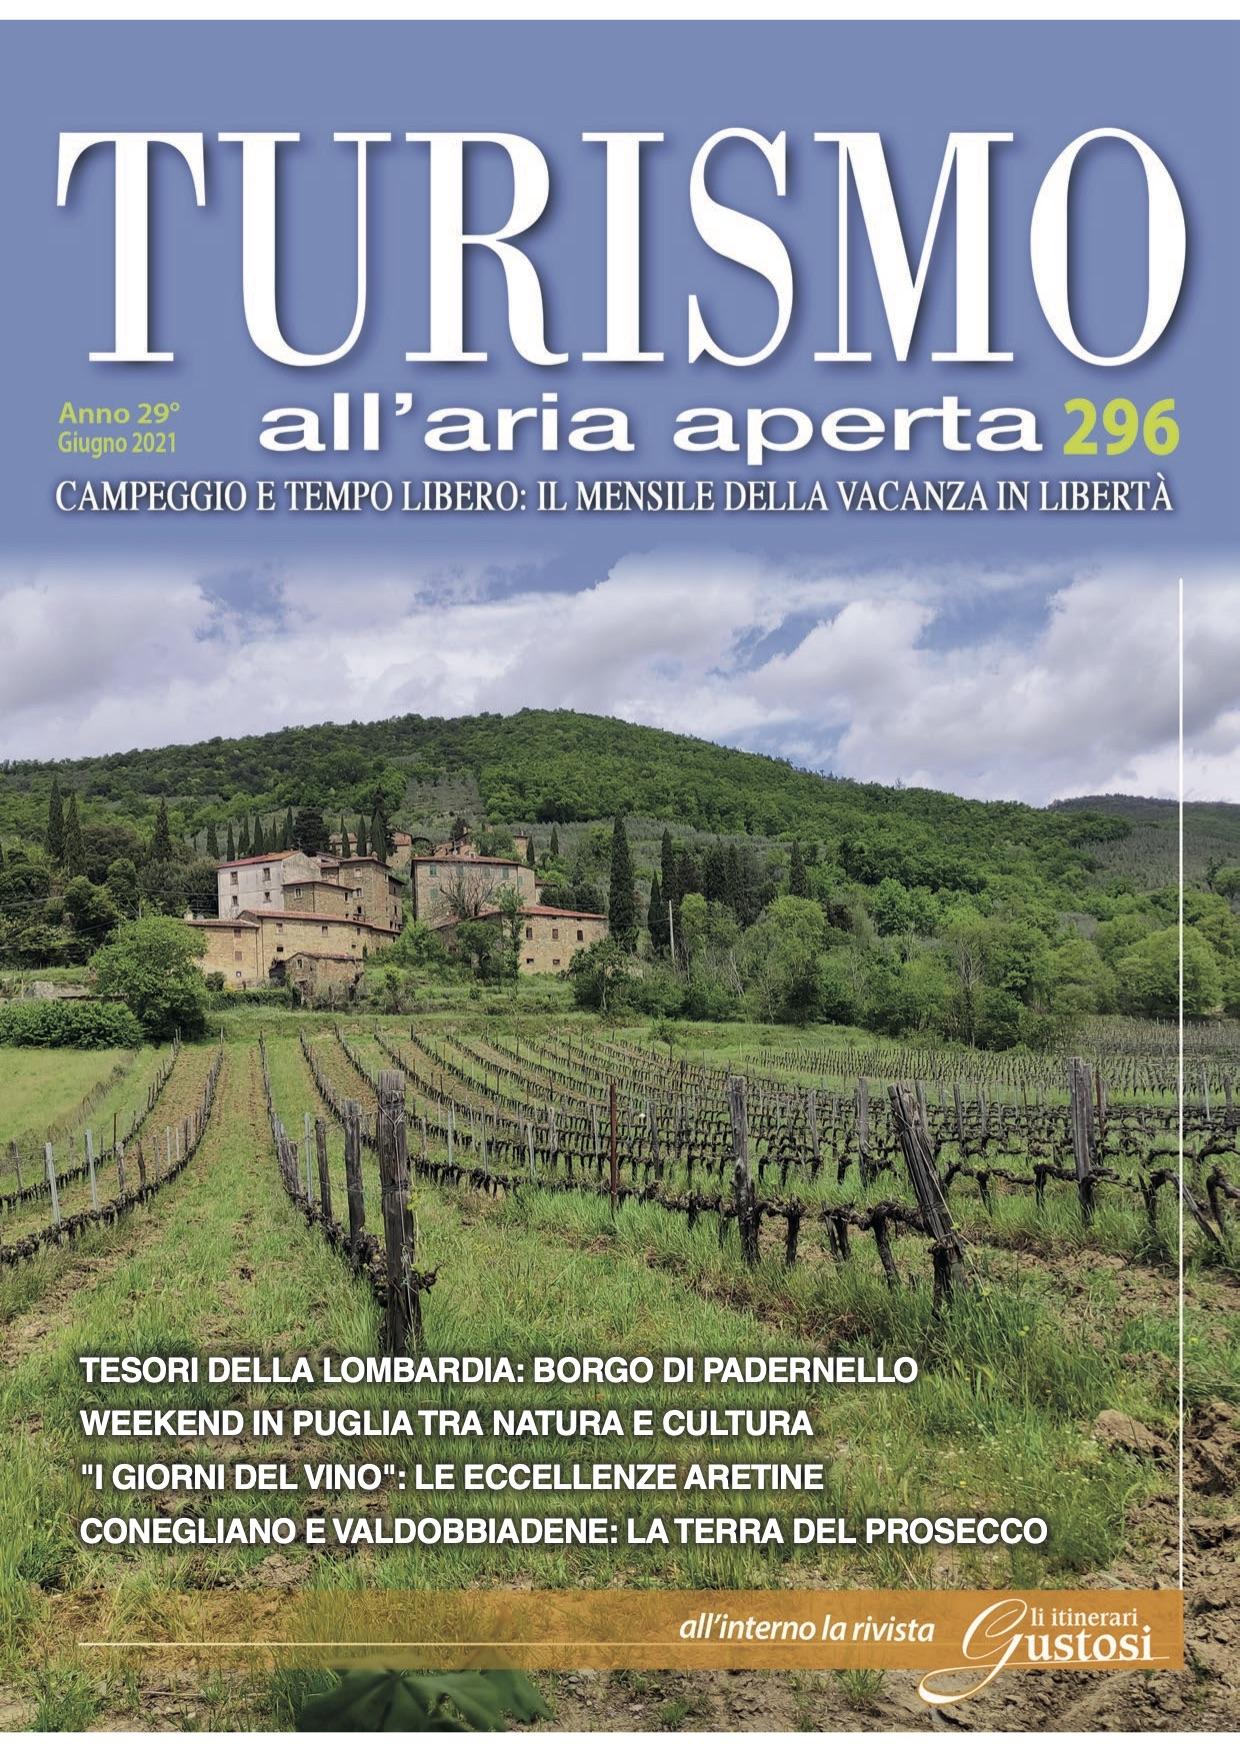 Turismo all'aria aperta - TOP - COVER - Giugno 2021